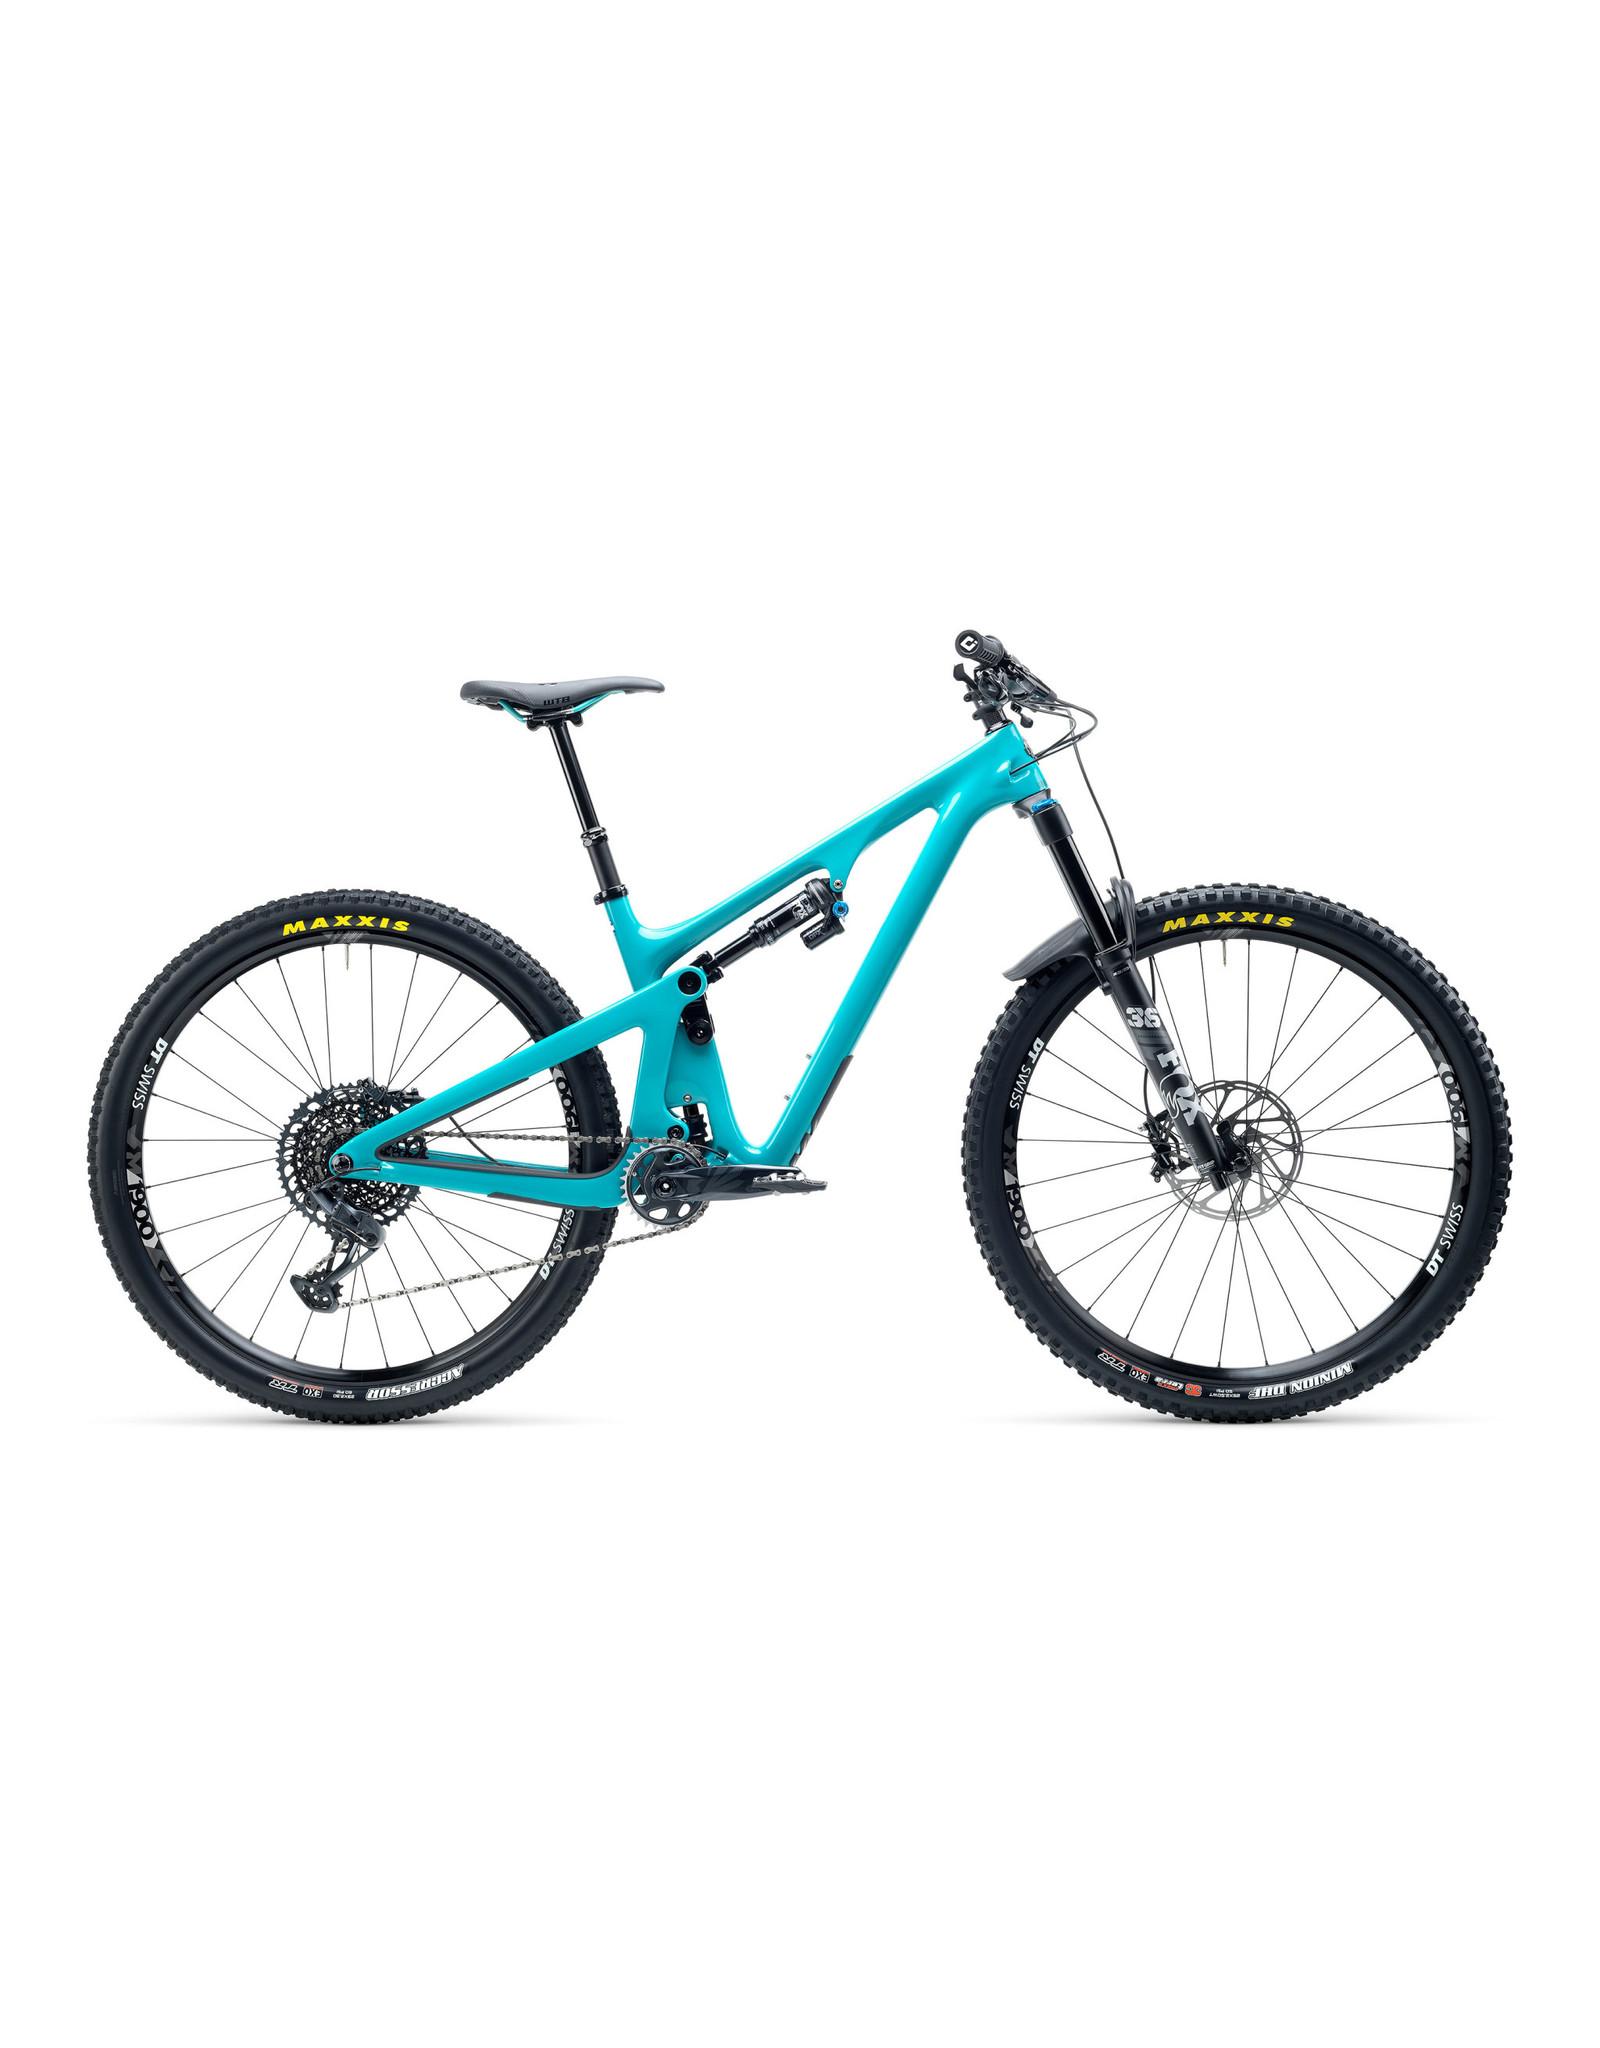 Yeti Cycles Yeti SB130 Turq C2 Small